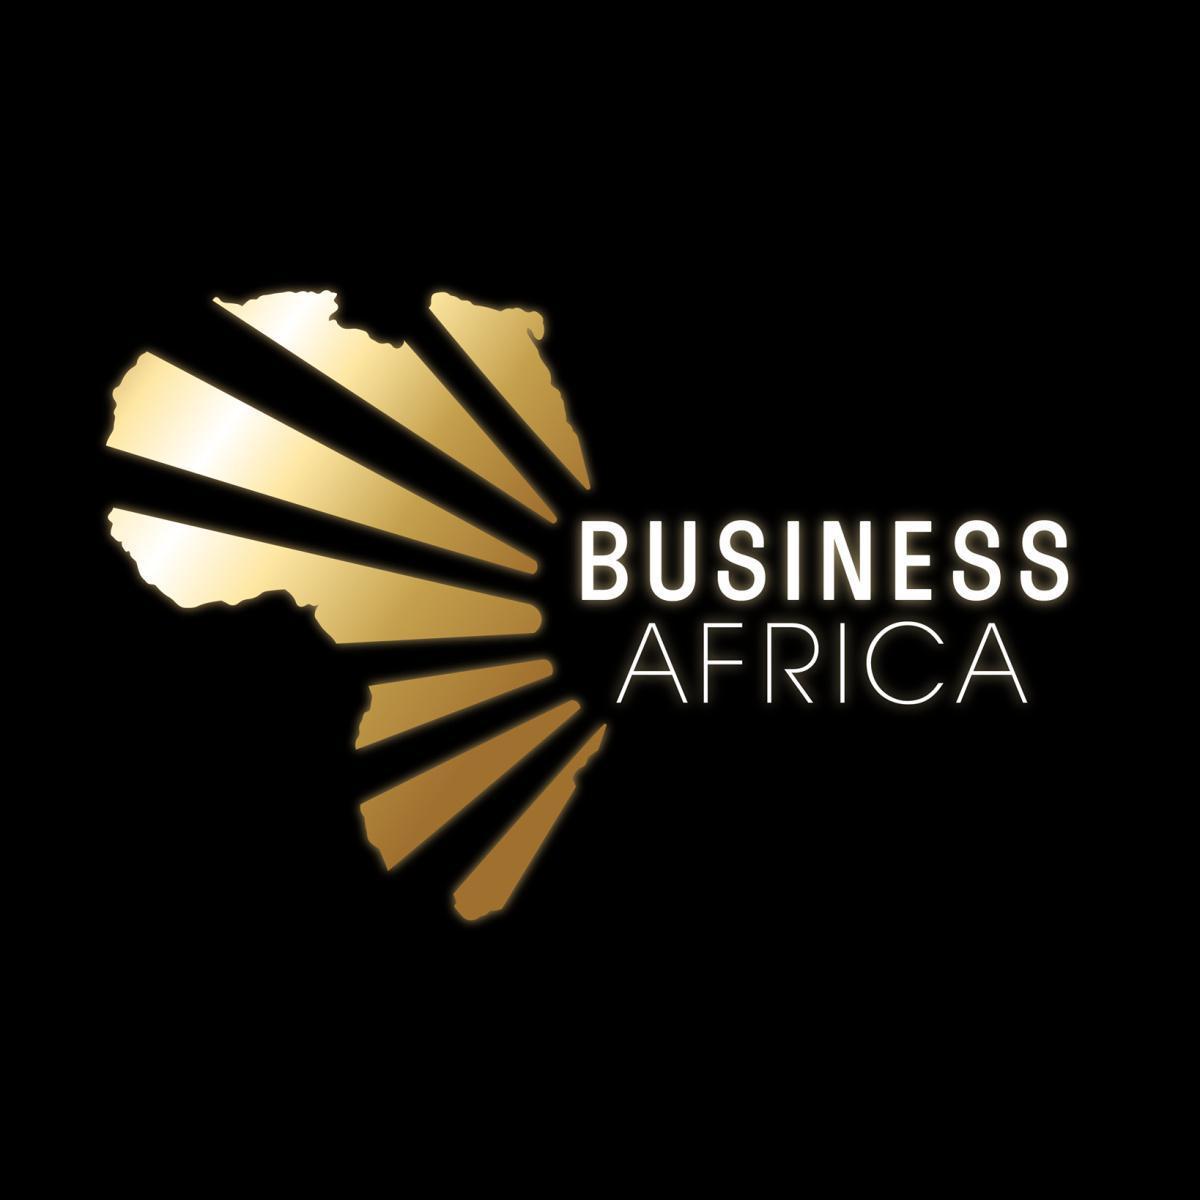 Business Africa - Le Salon Des Entrepreneurs Africains